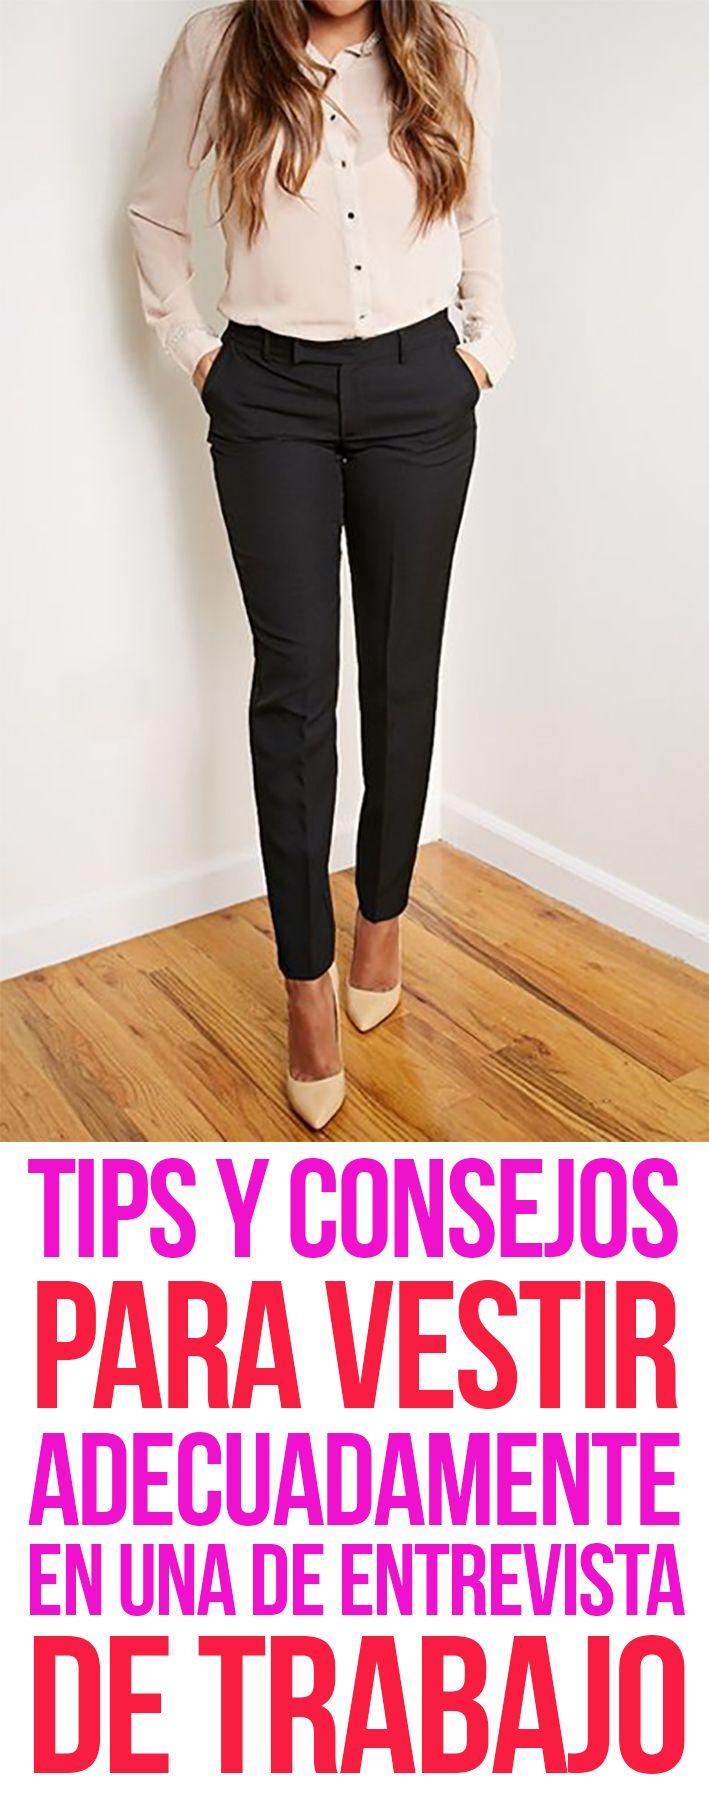 Tips & Consejos Para Vestir Adecuadamente En Una Entrevista De Trabajo